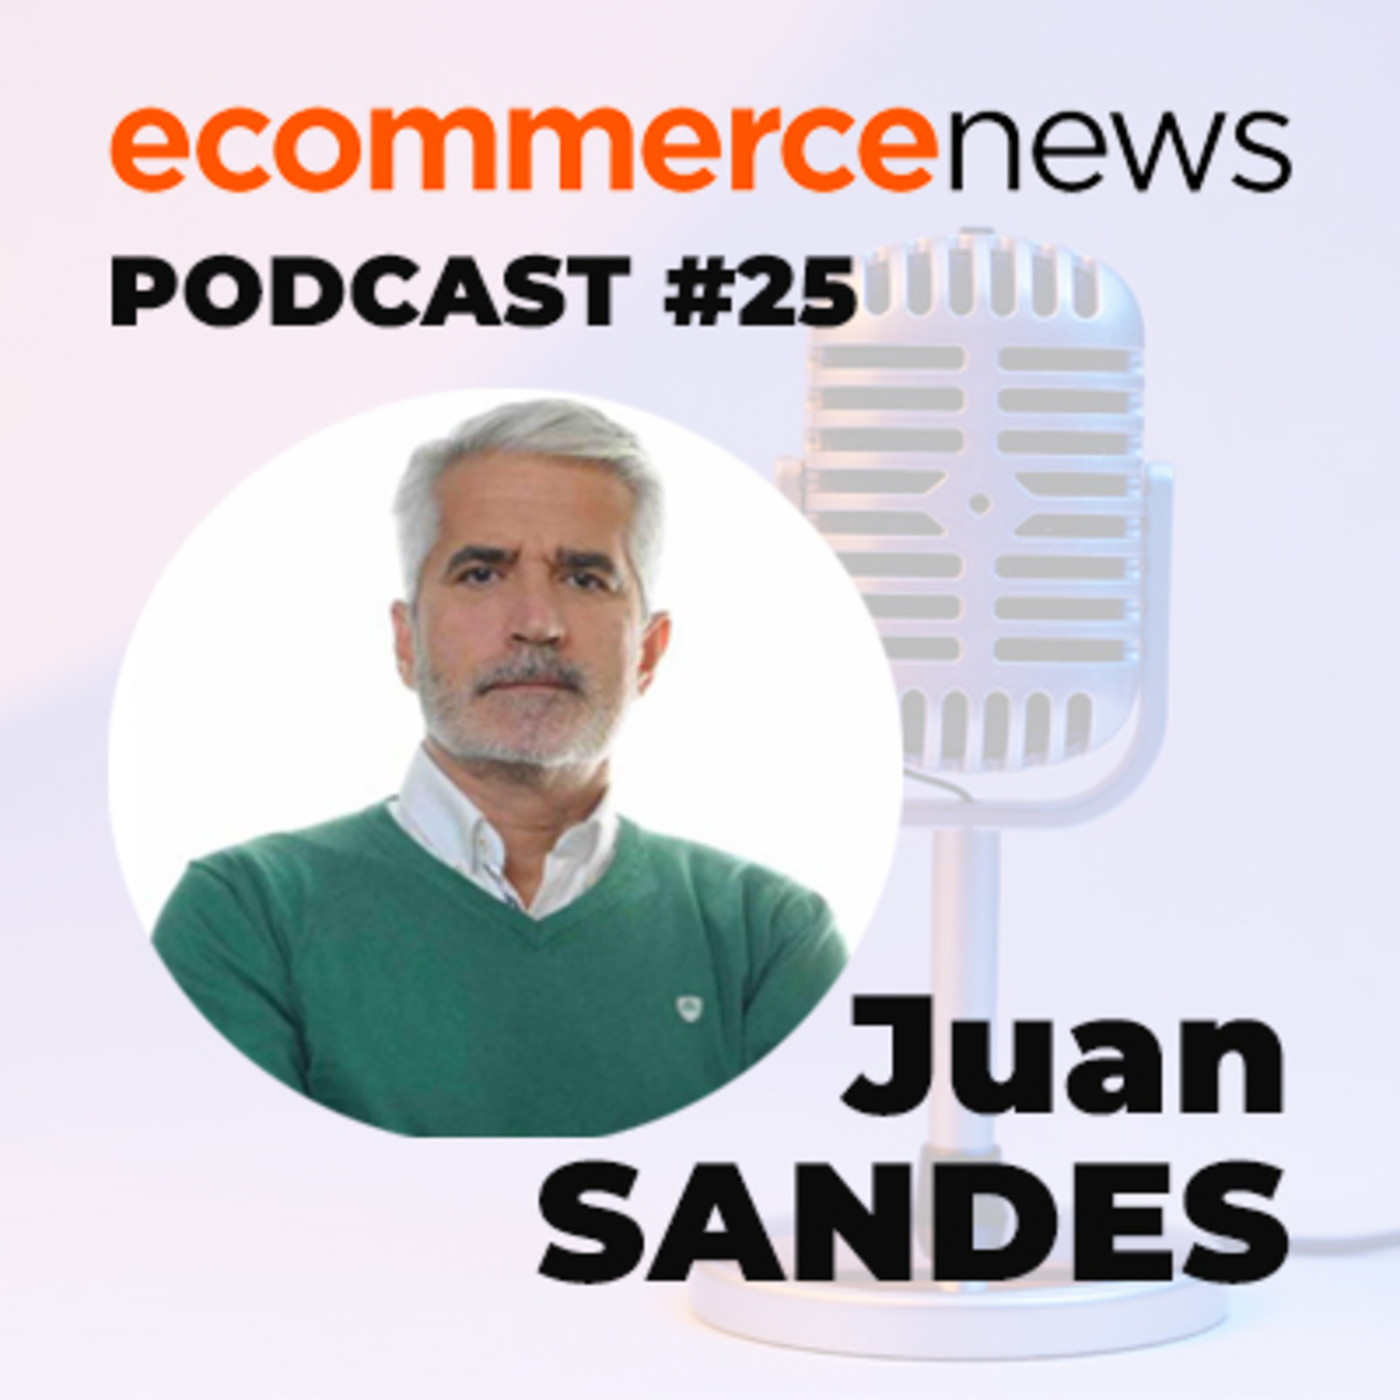 Ecommerce News Radio #25. Entrevista con Juan Sandes